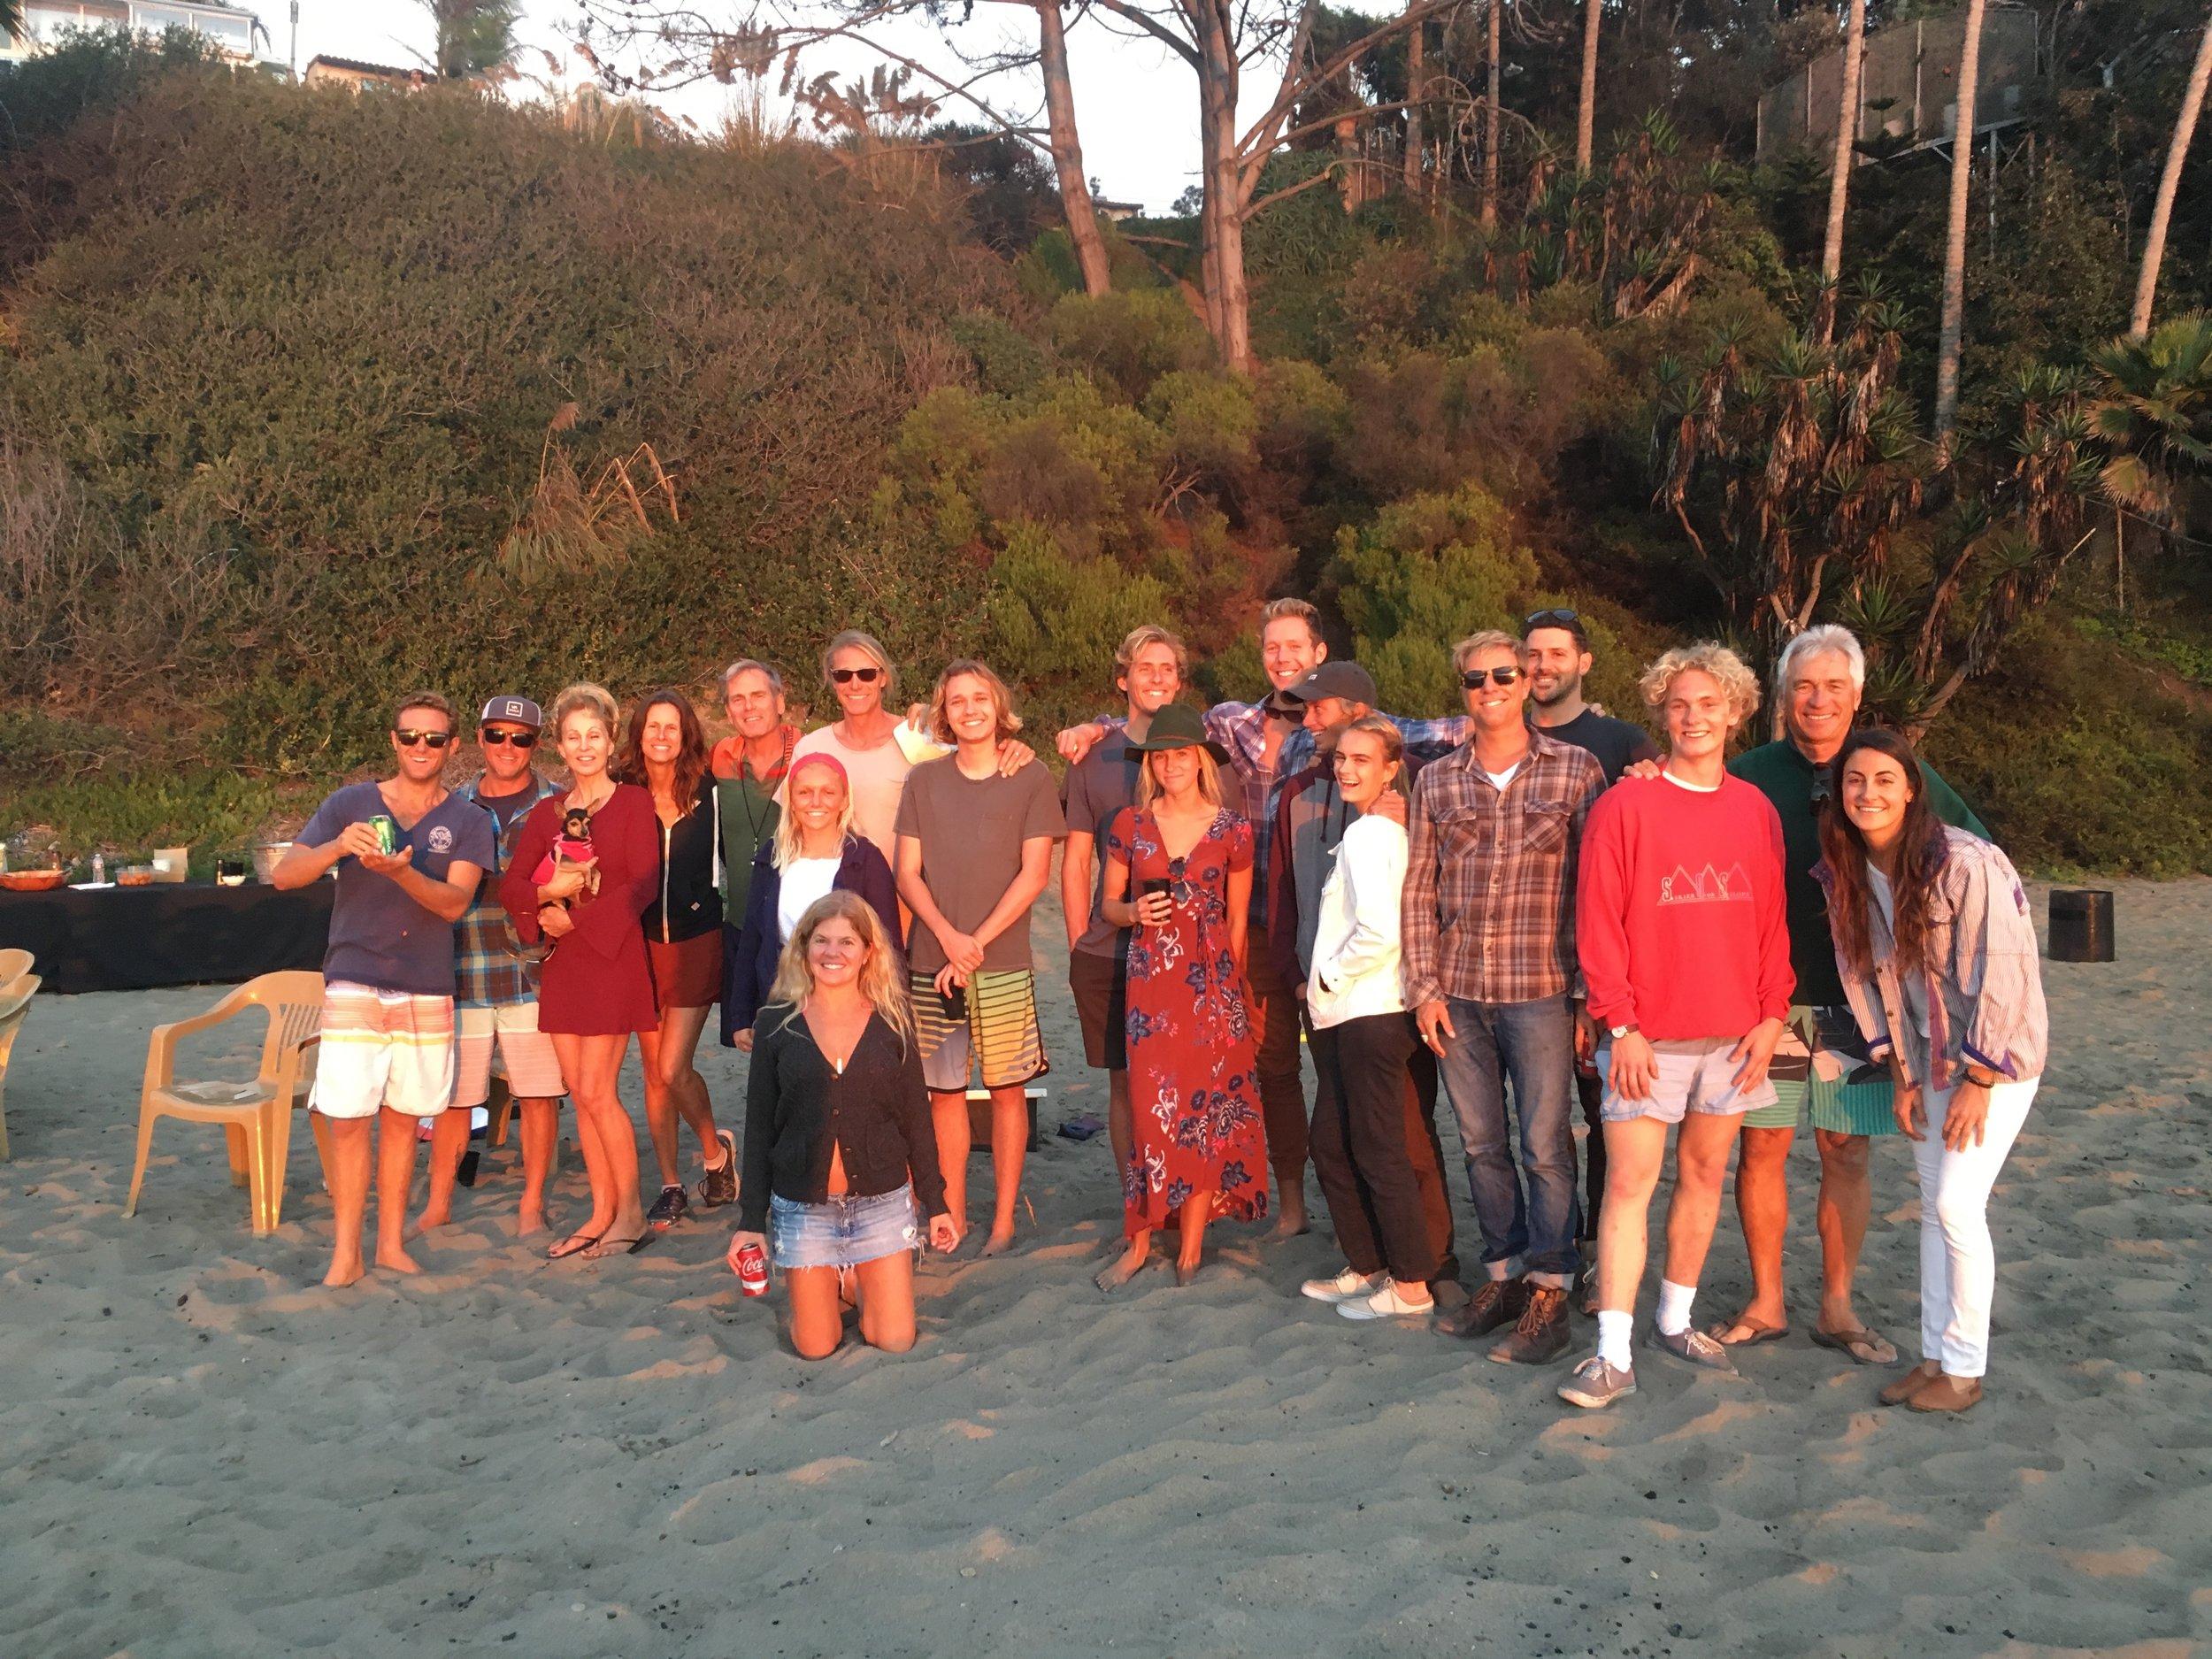 La Vida Laguna team building beach party